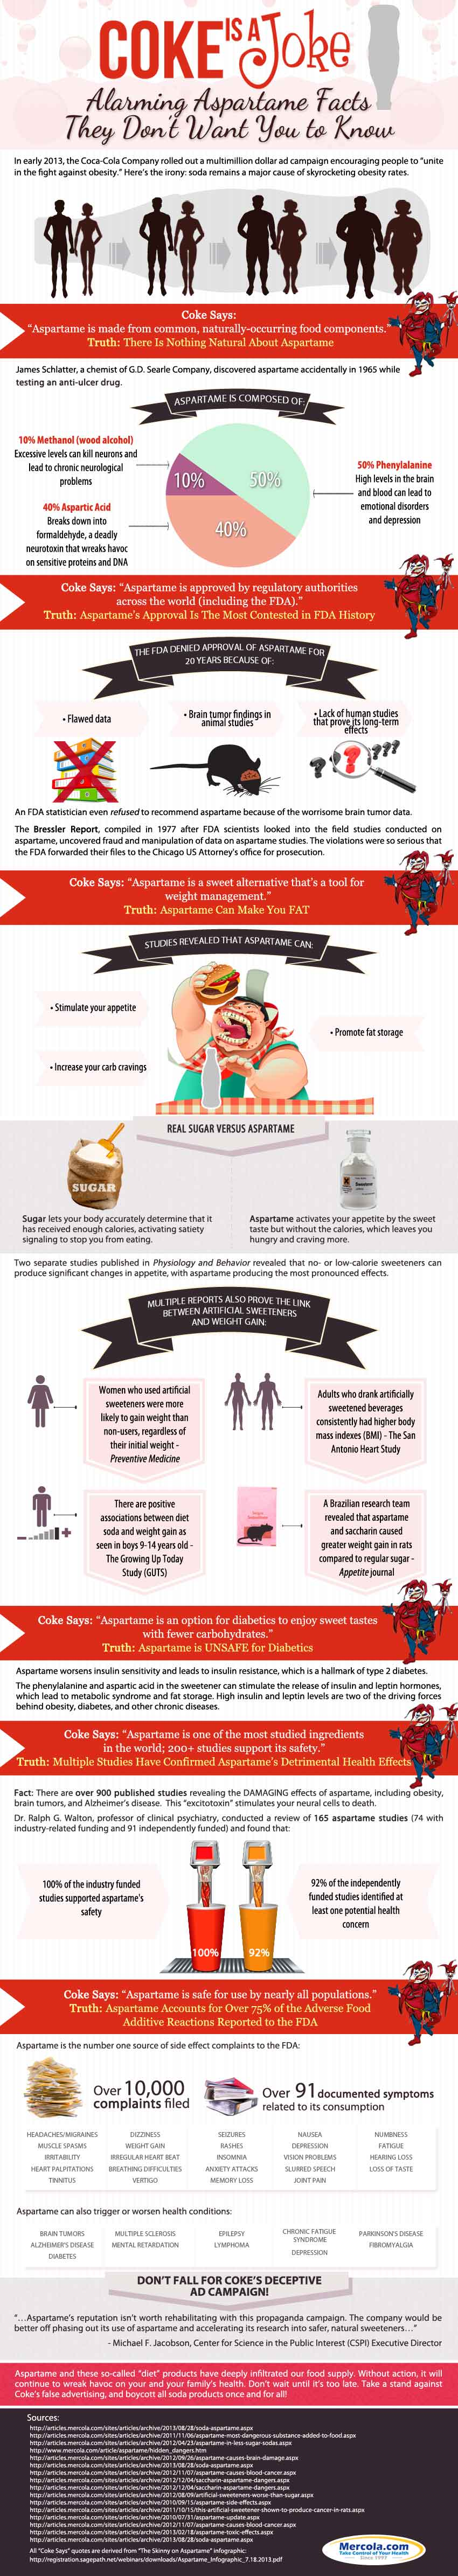 Medi weight loss miami